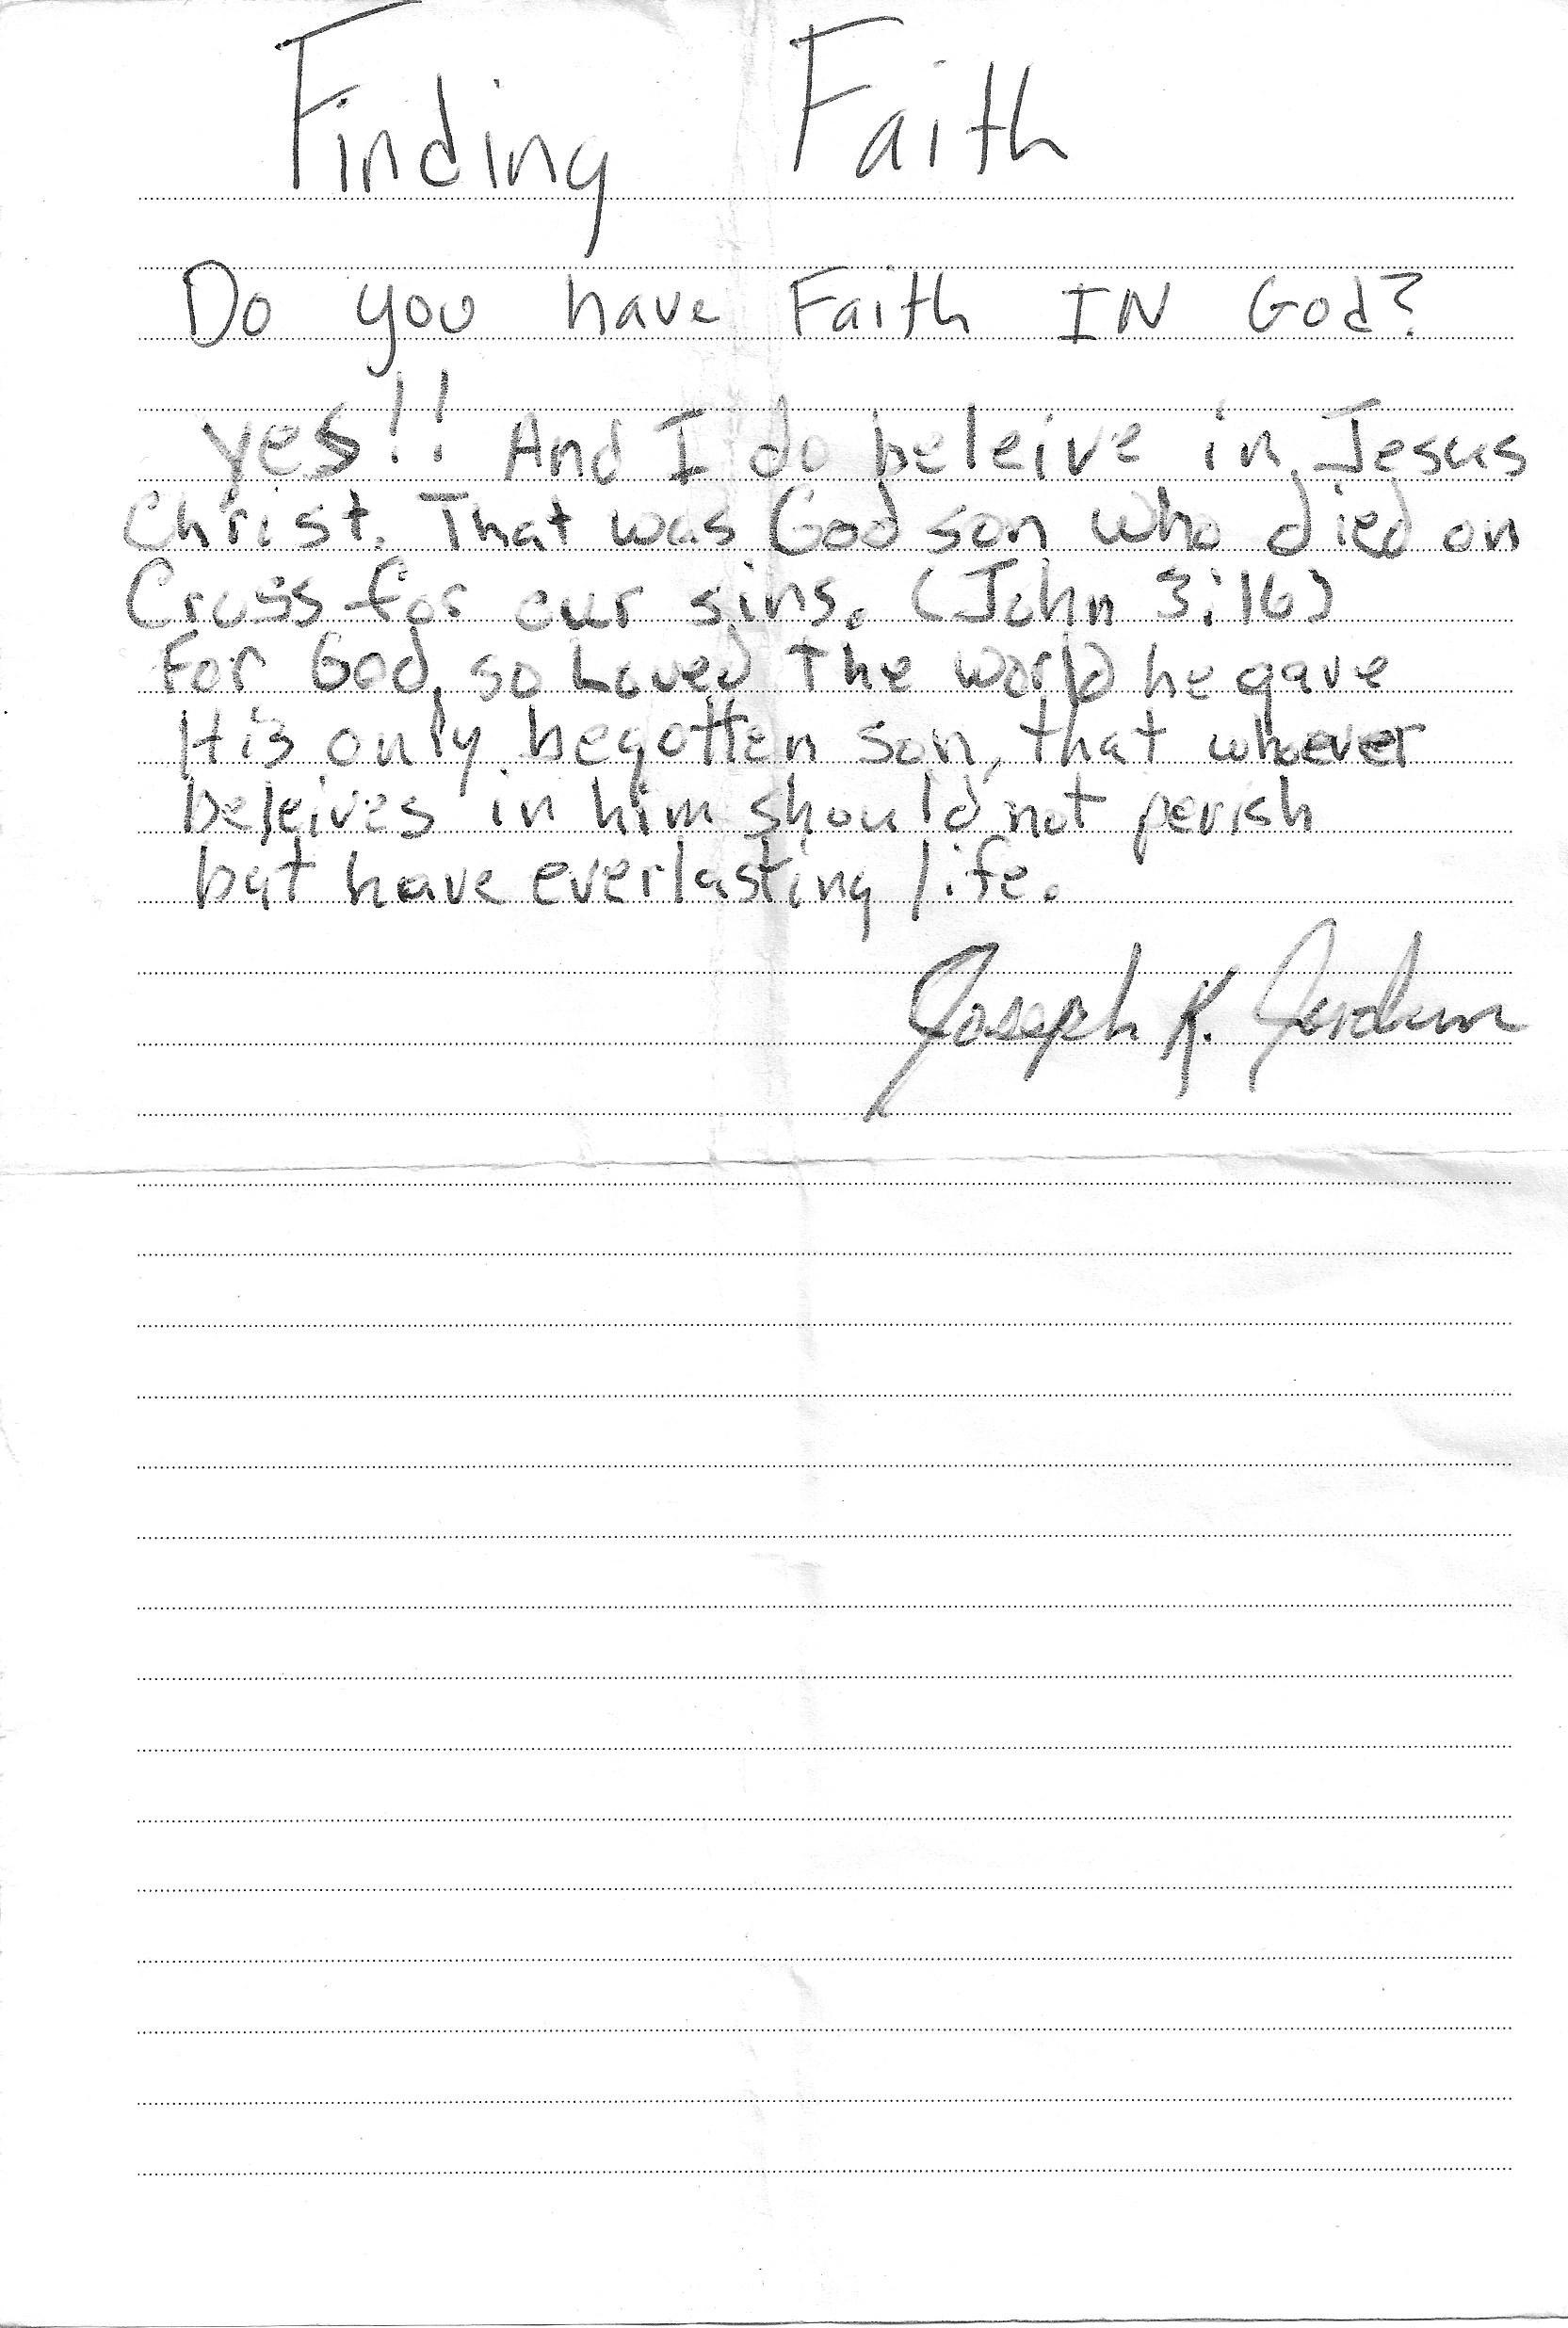 Keith Finding Faith Letter.jpg